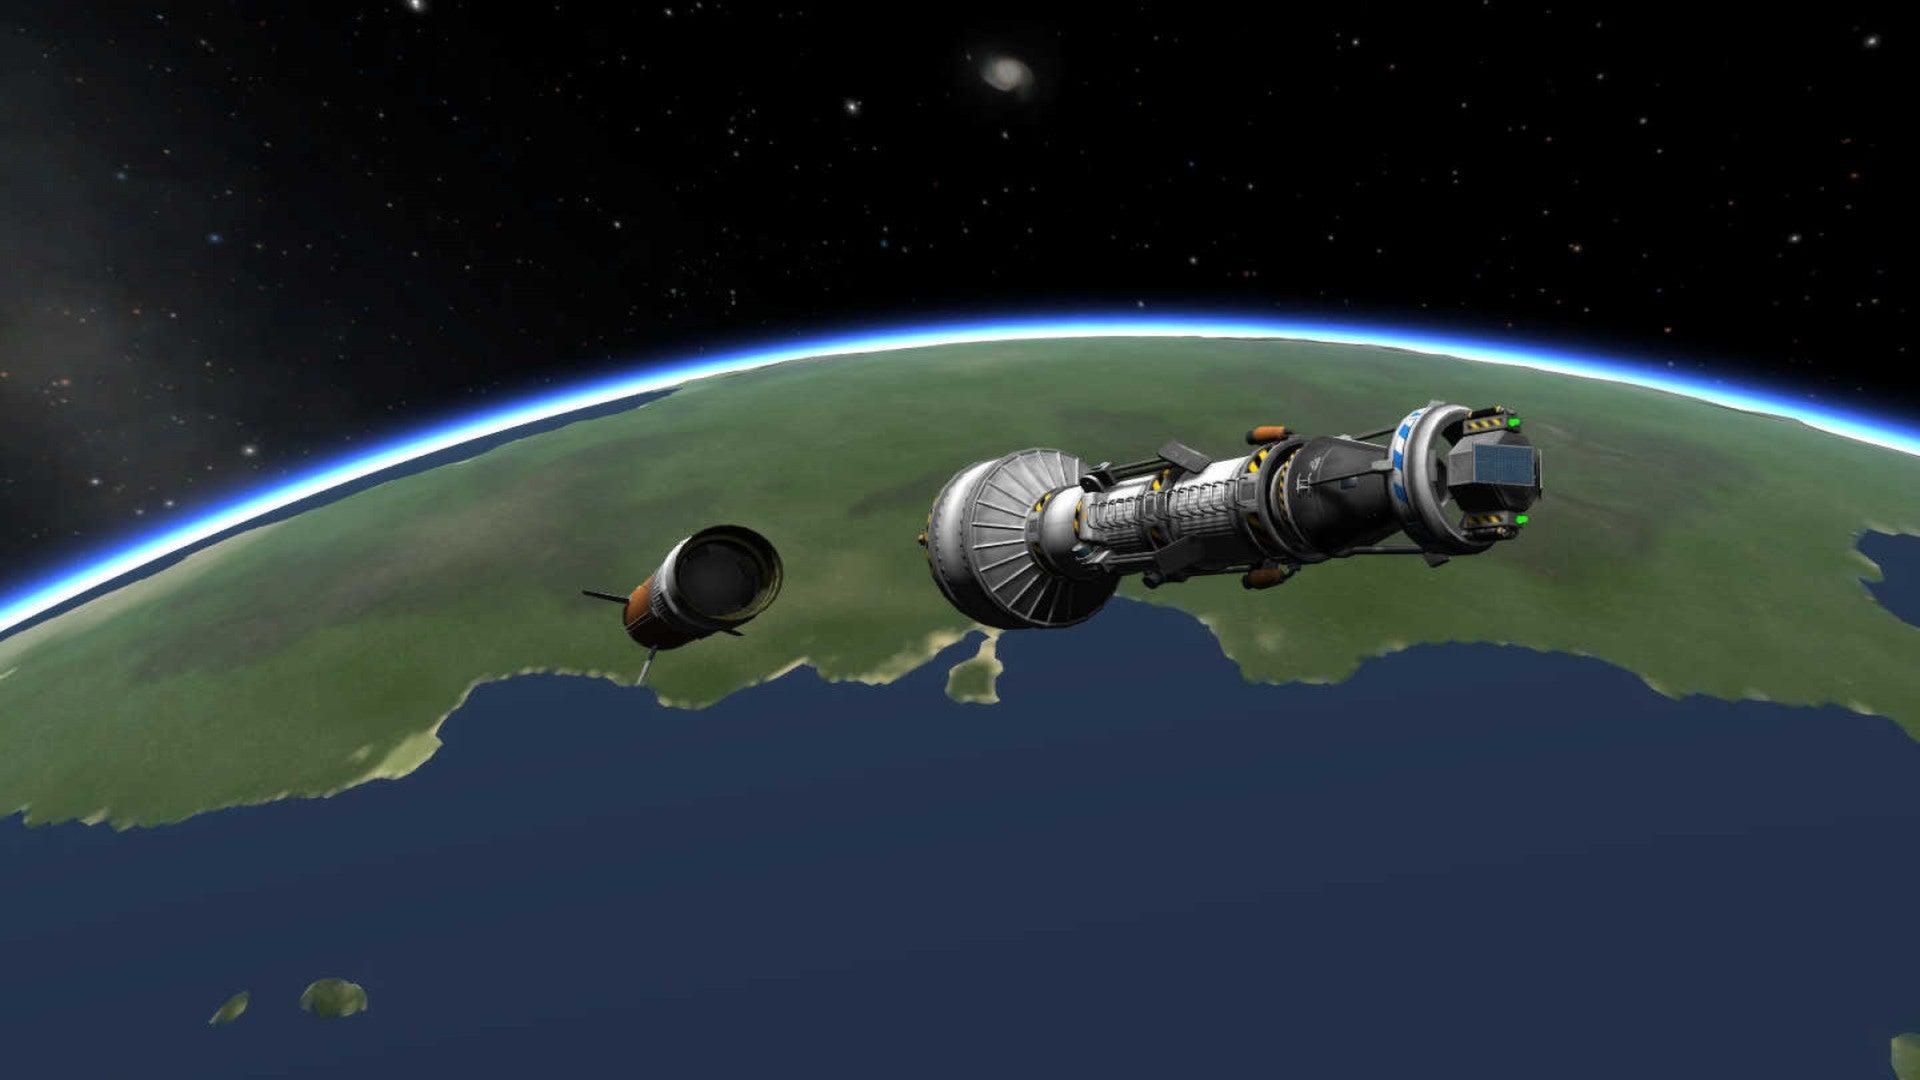 building a nasa spaceship - photo #15